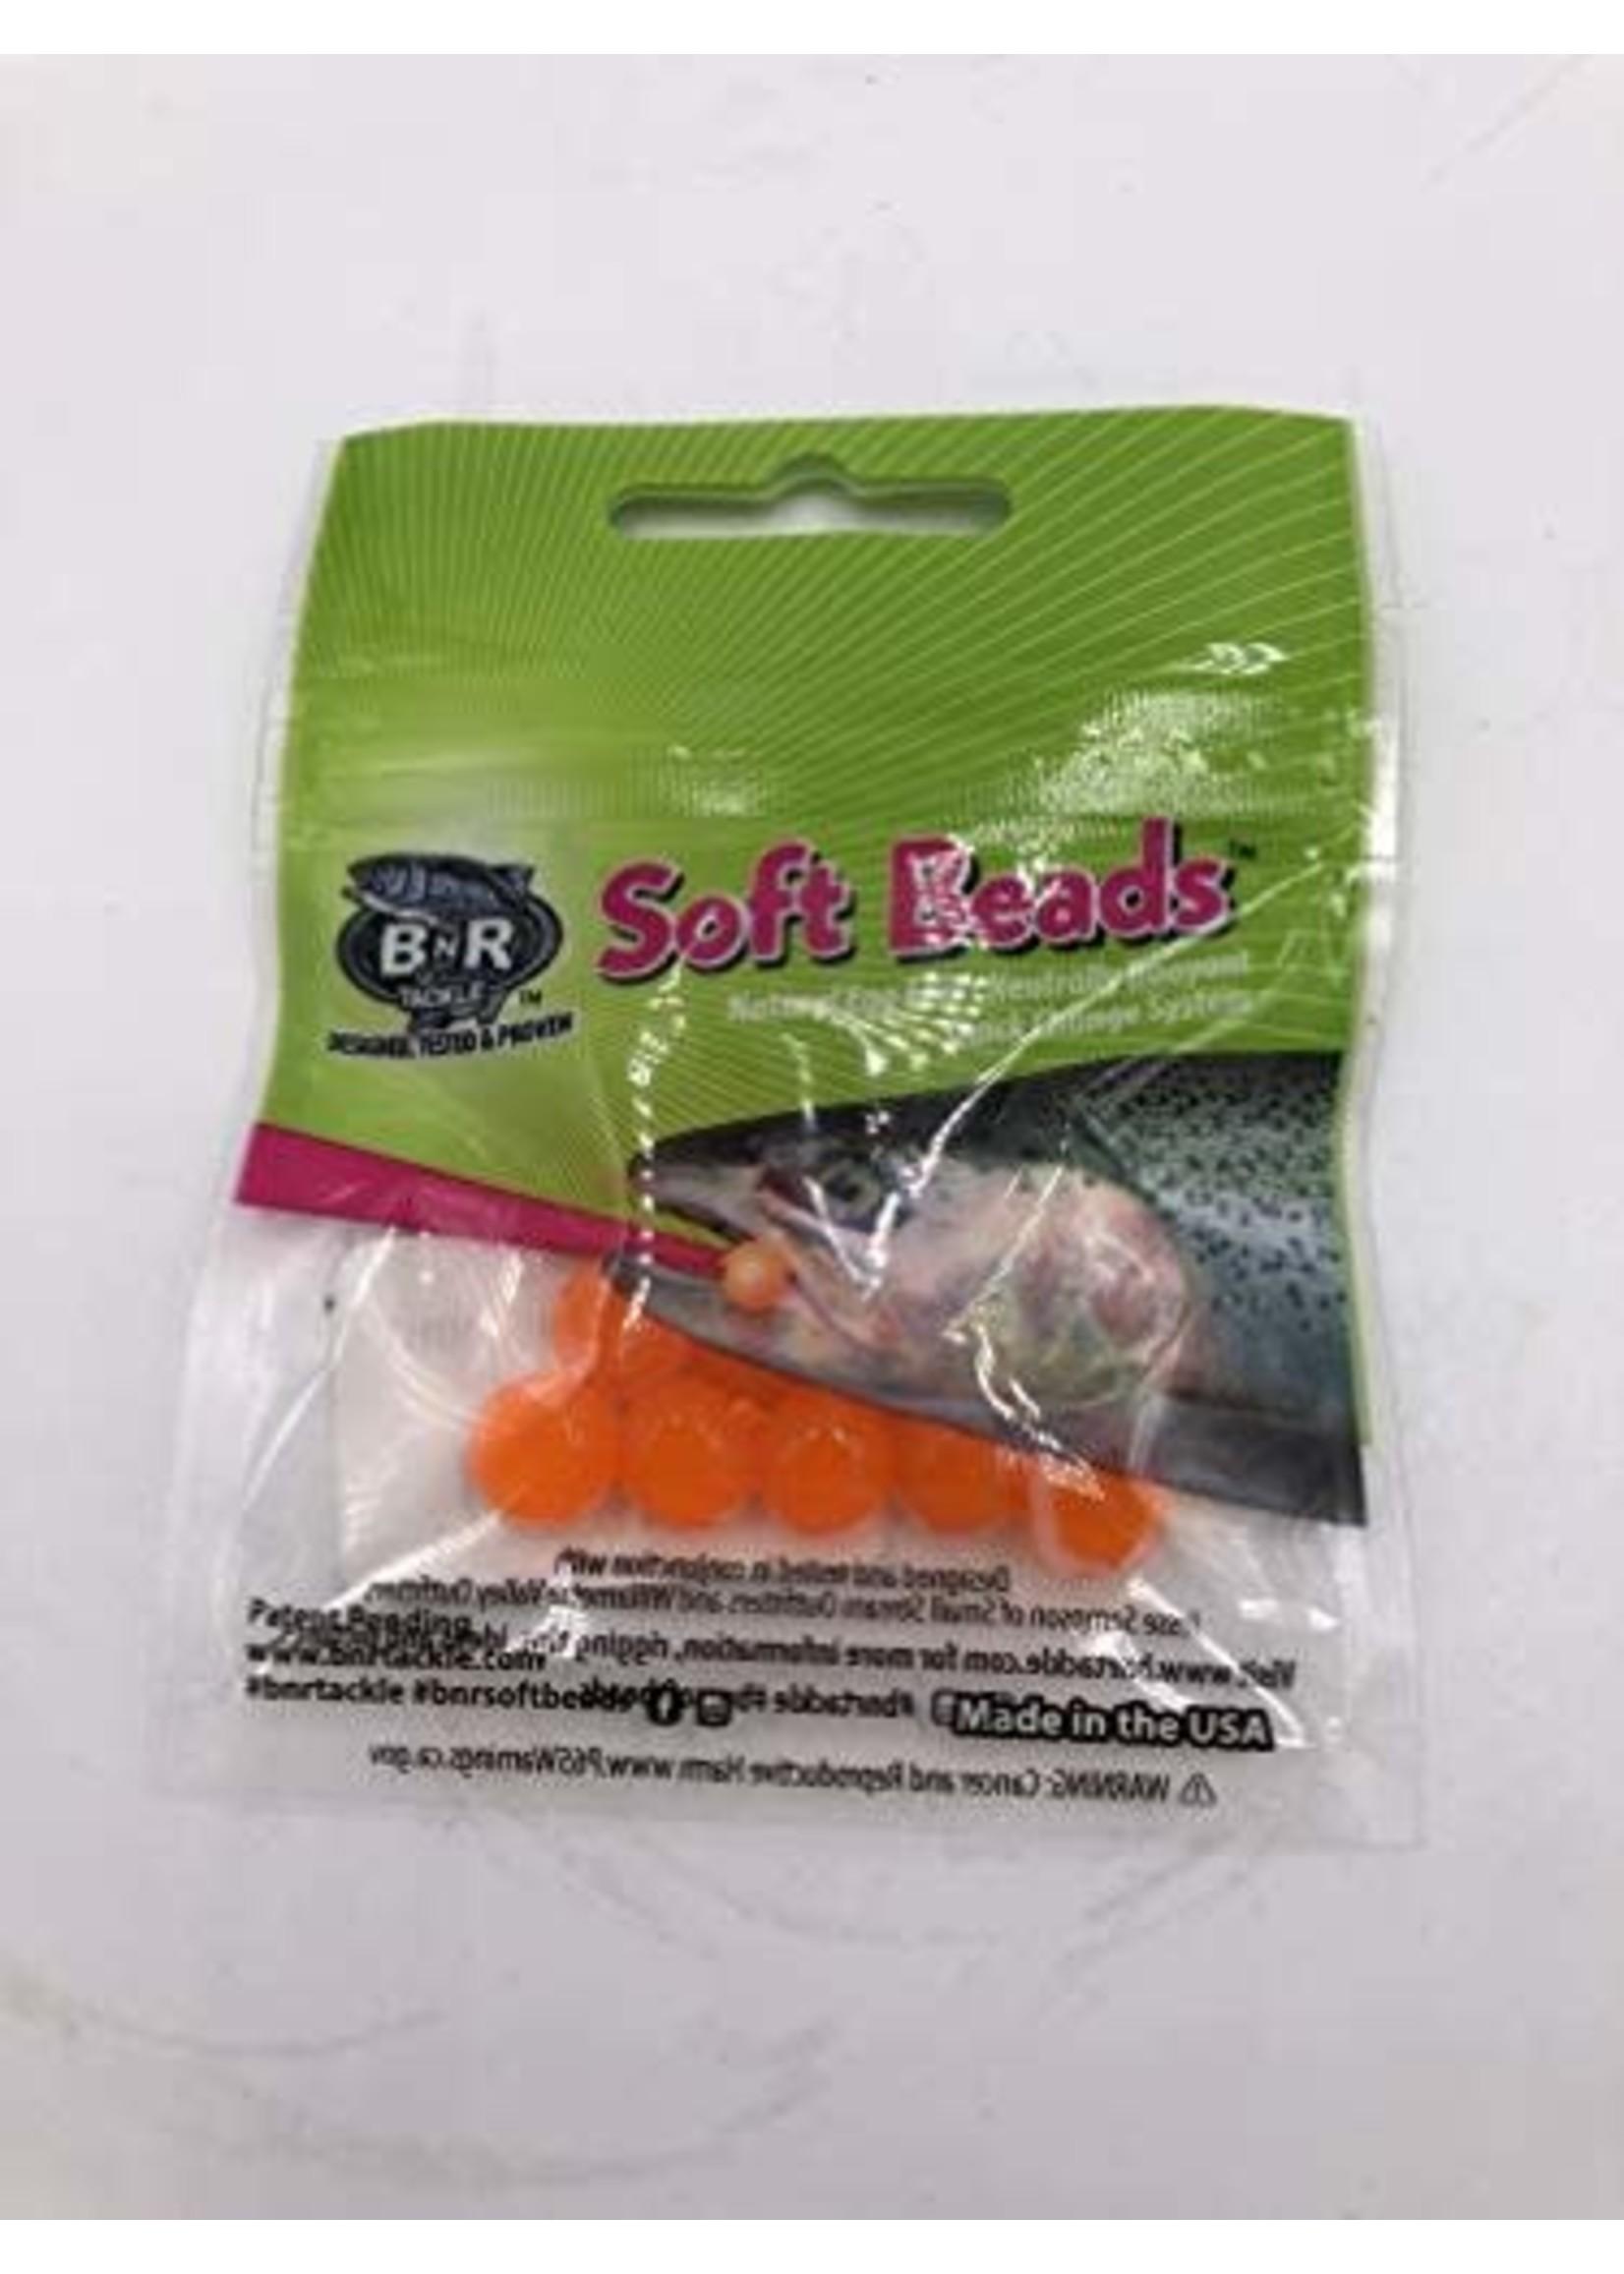 BNR Soft Beads